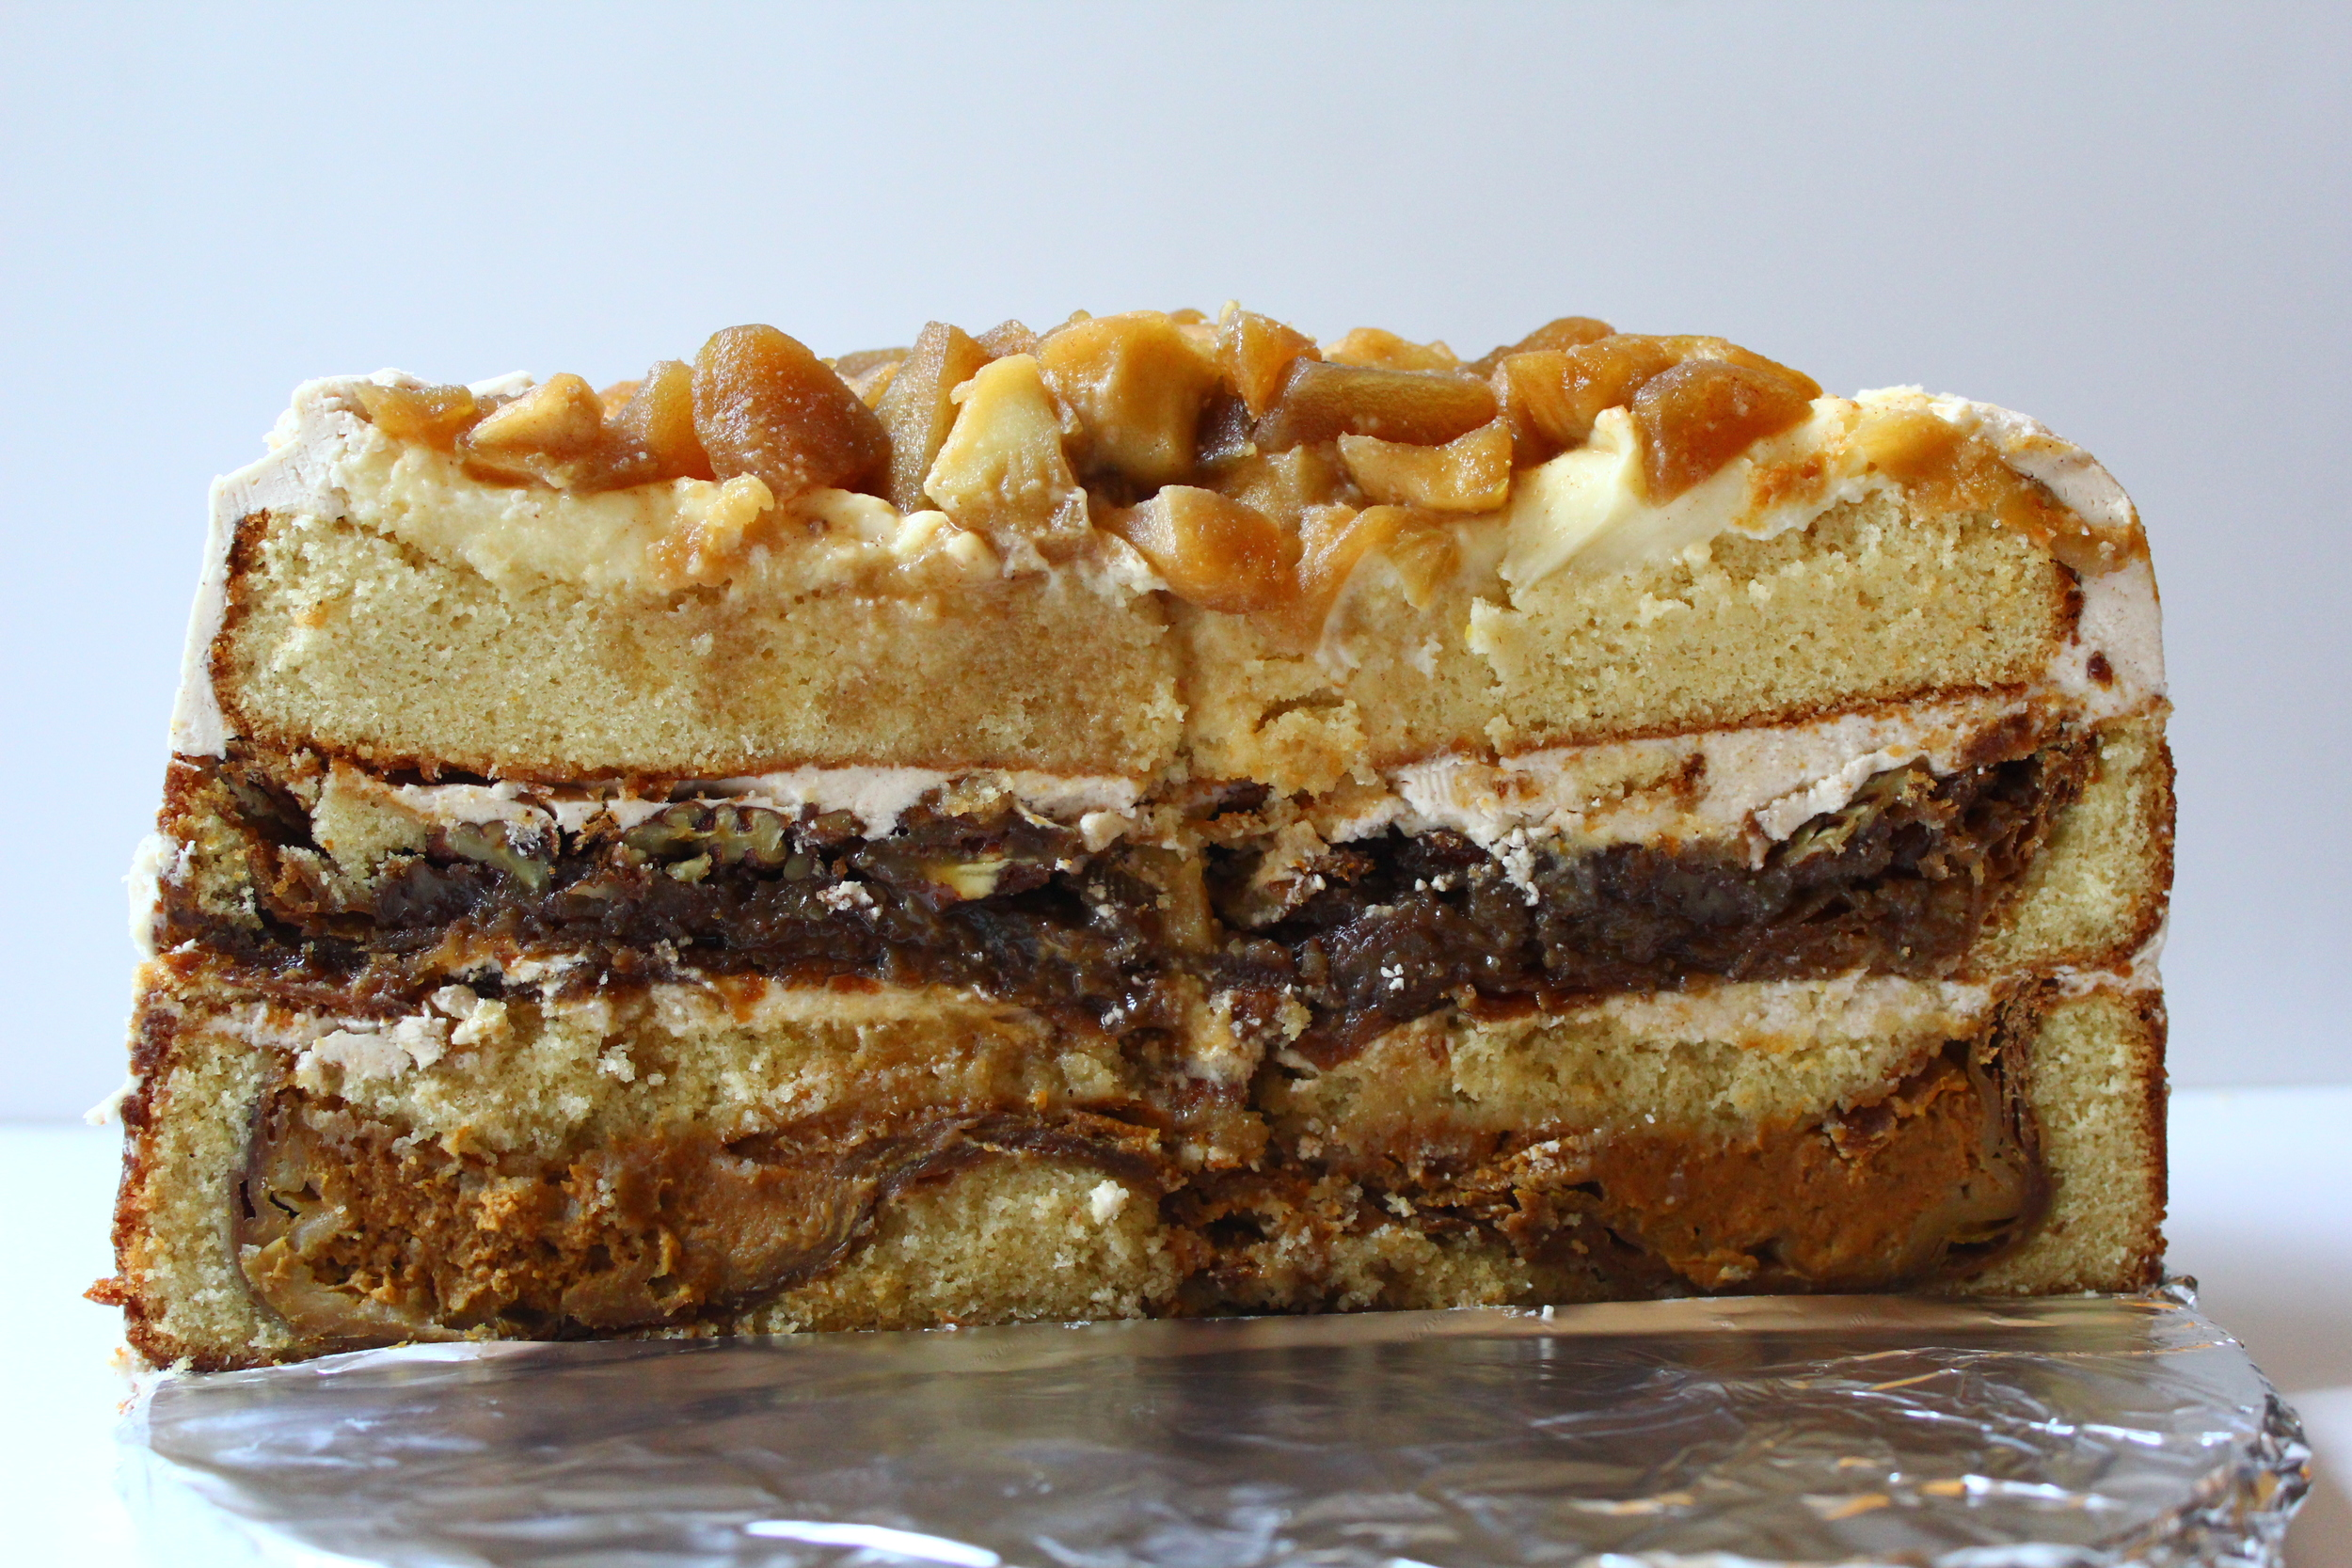 piecaken by maxene's trail of crumbs